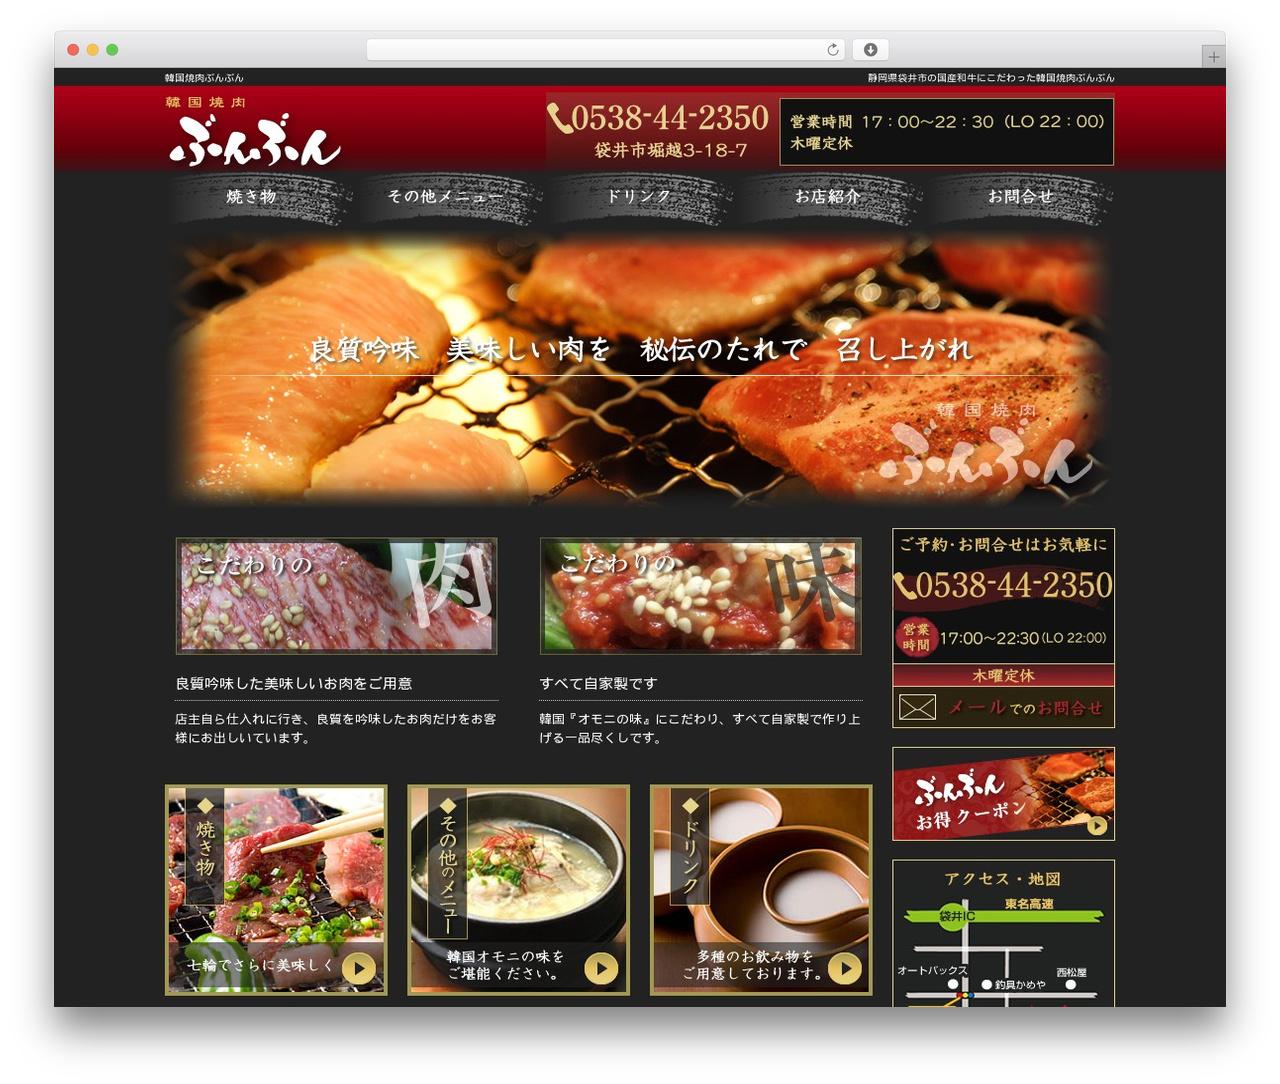 cloudtpl_579 WordPress theme - bunbun1129.com